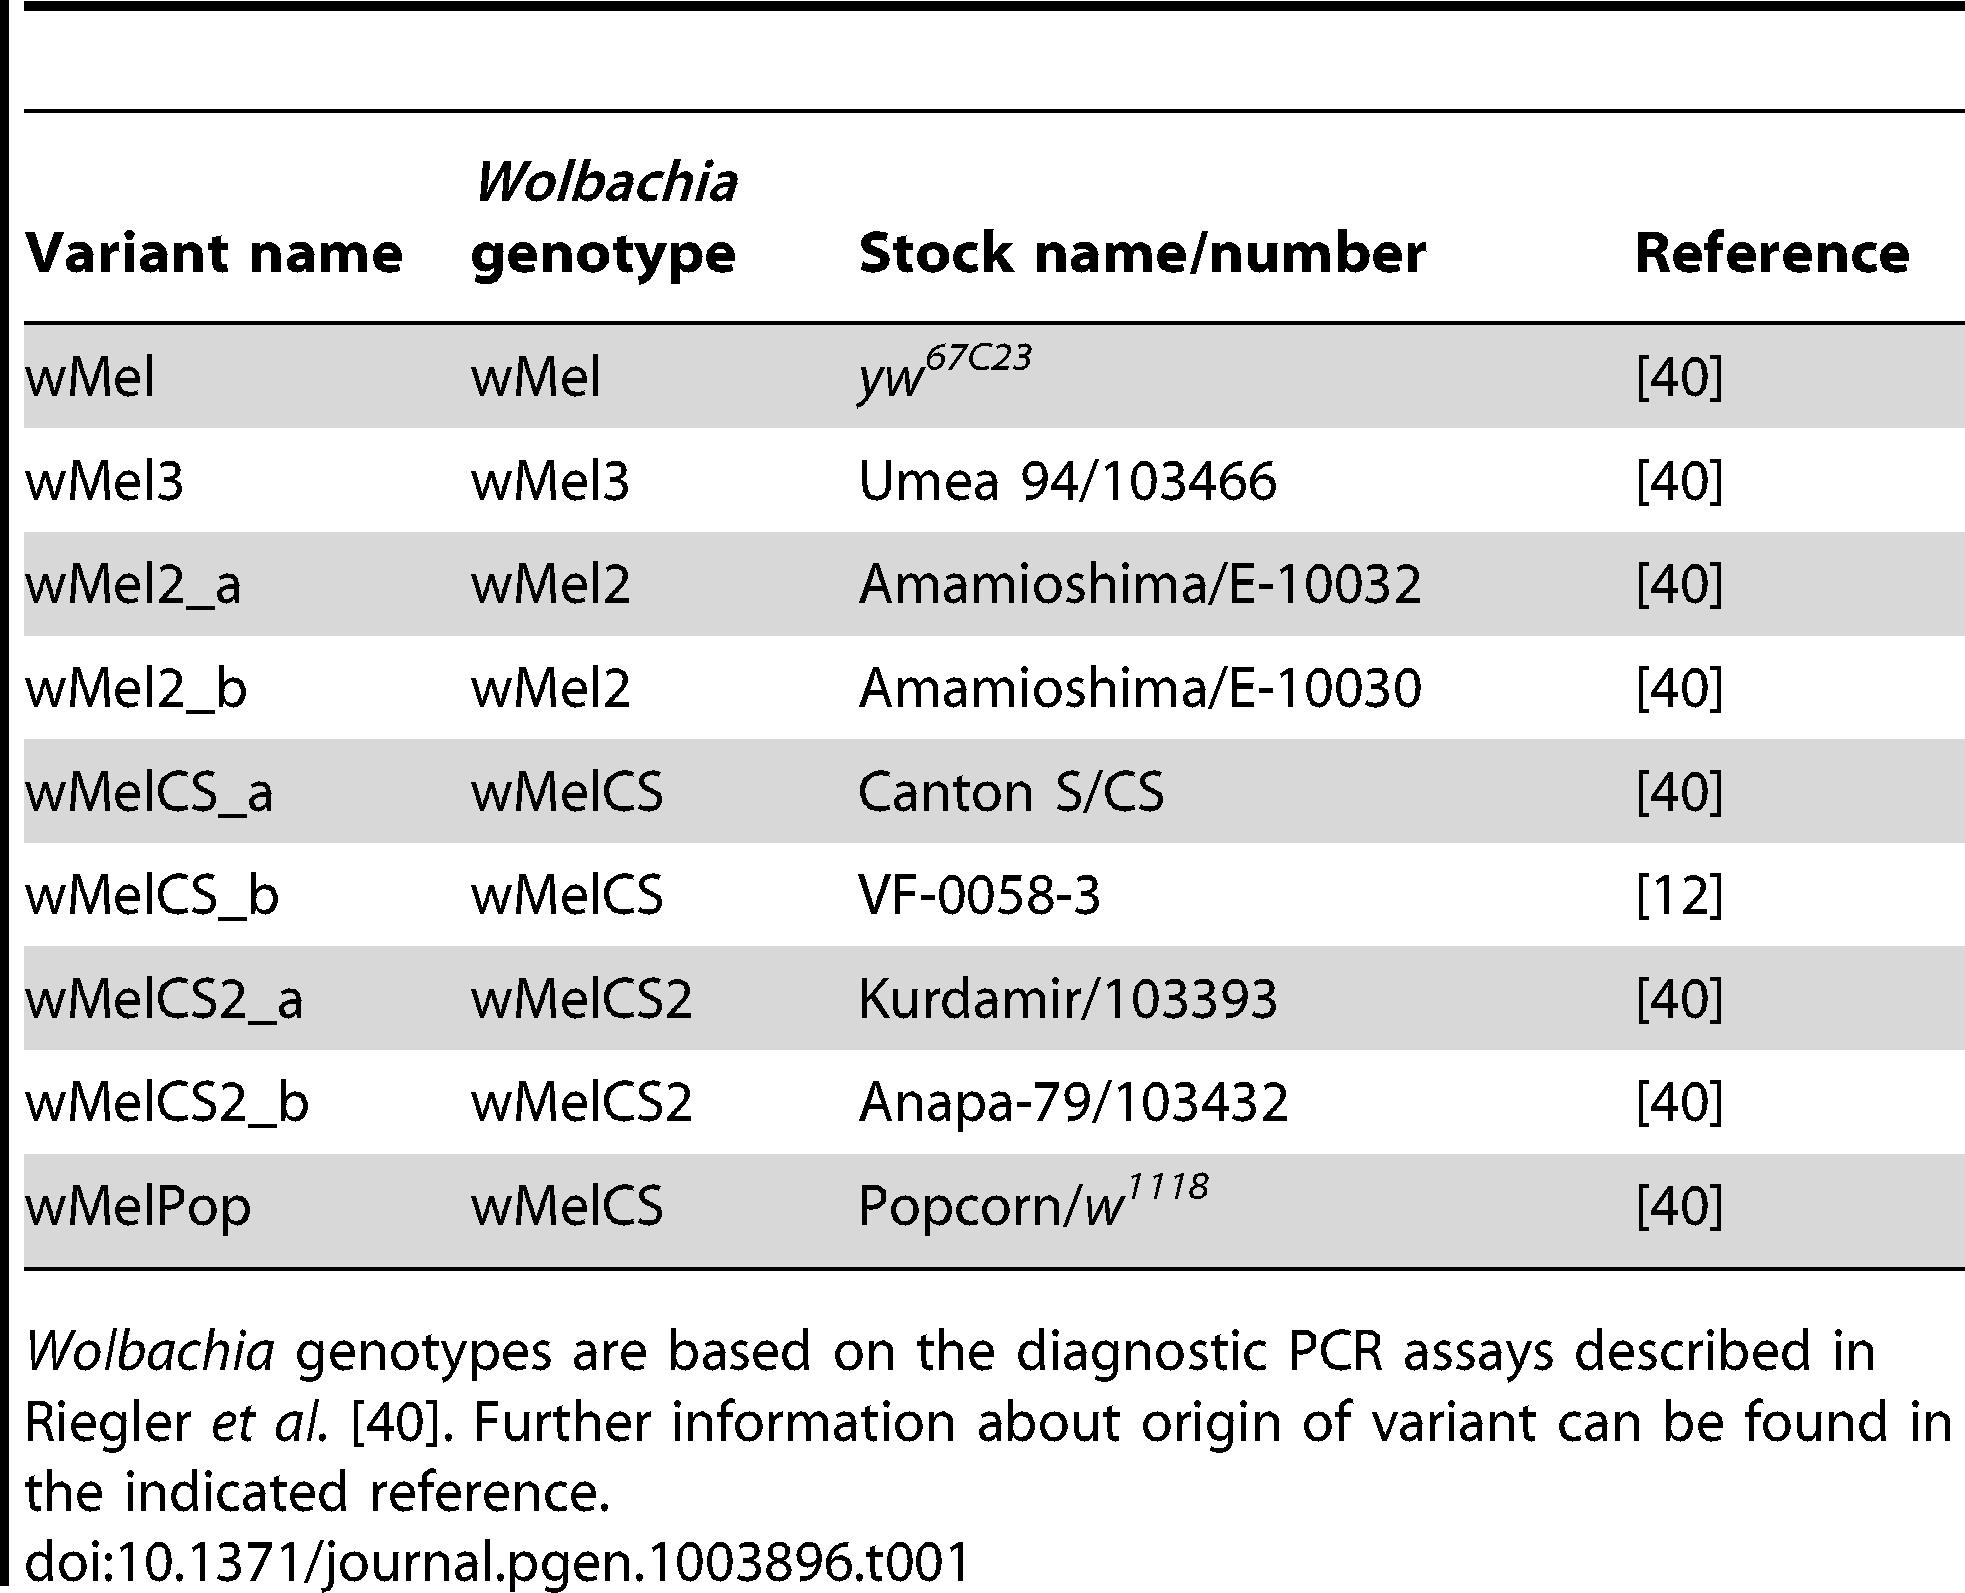 wMel variants used.